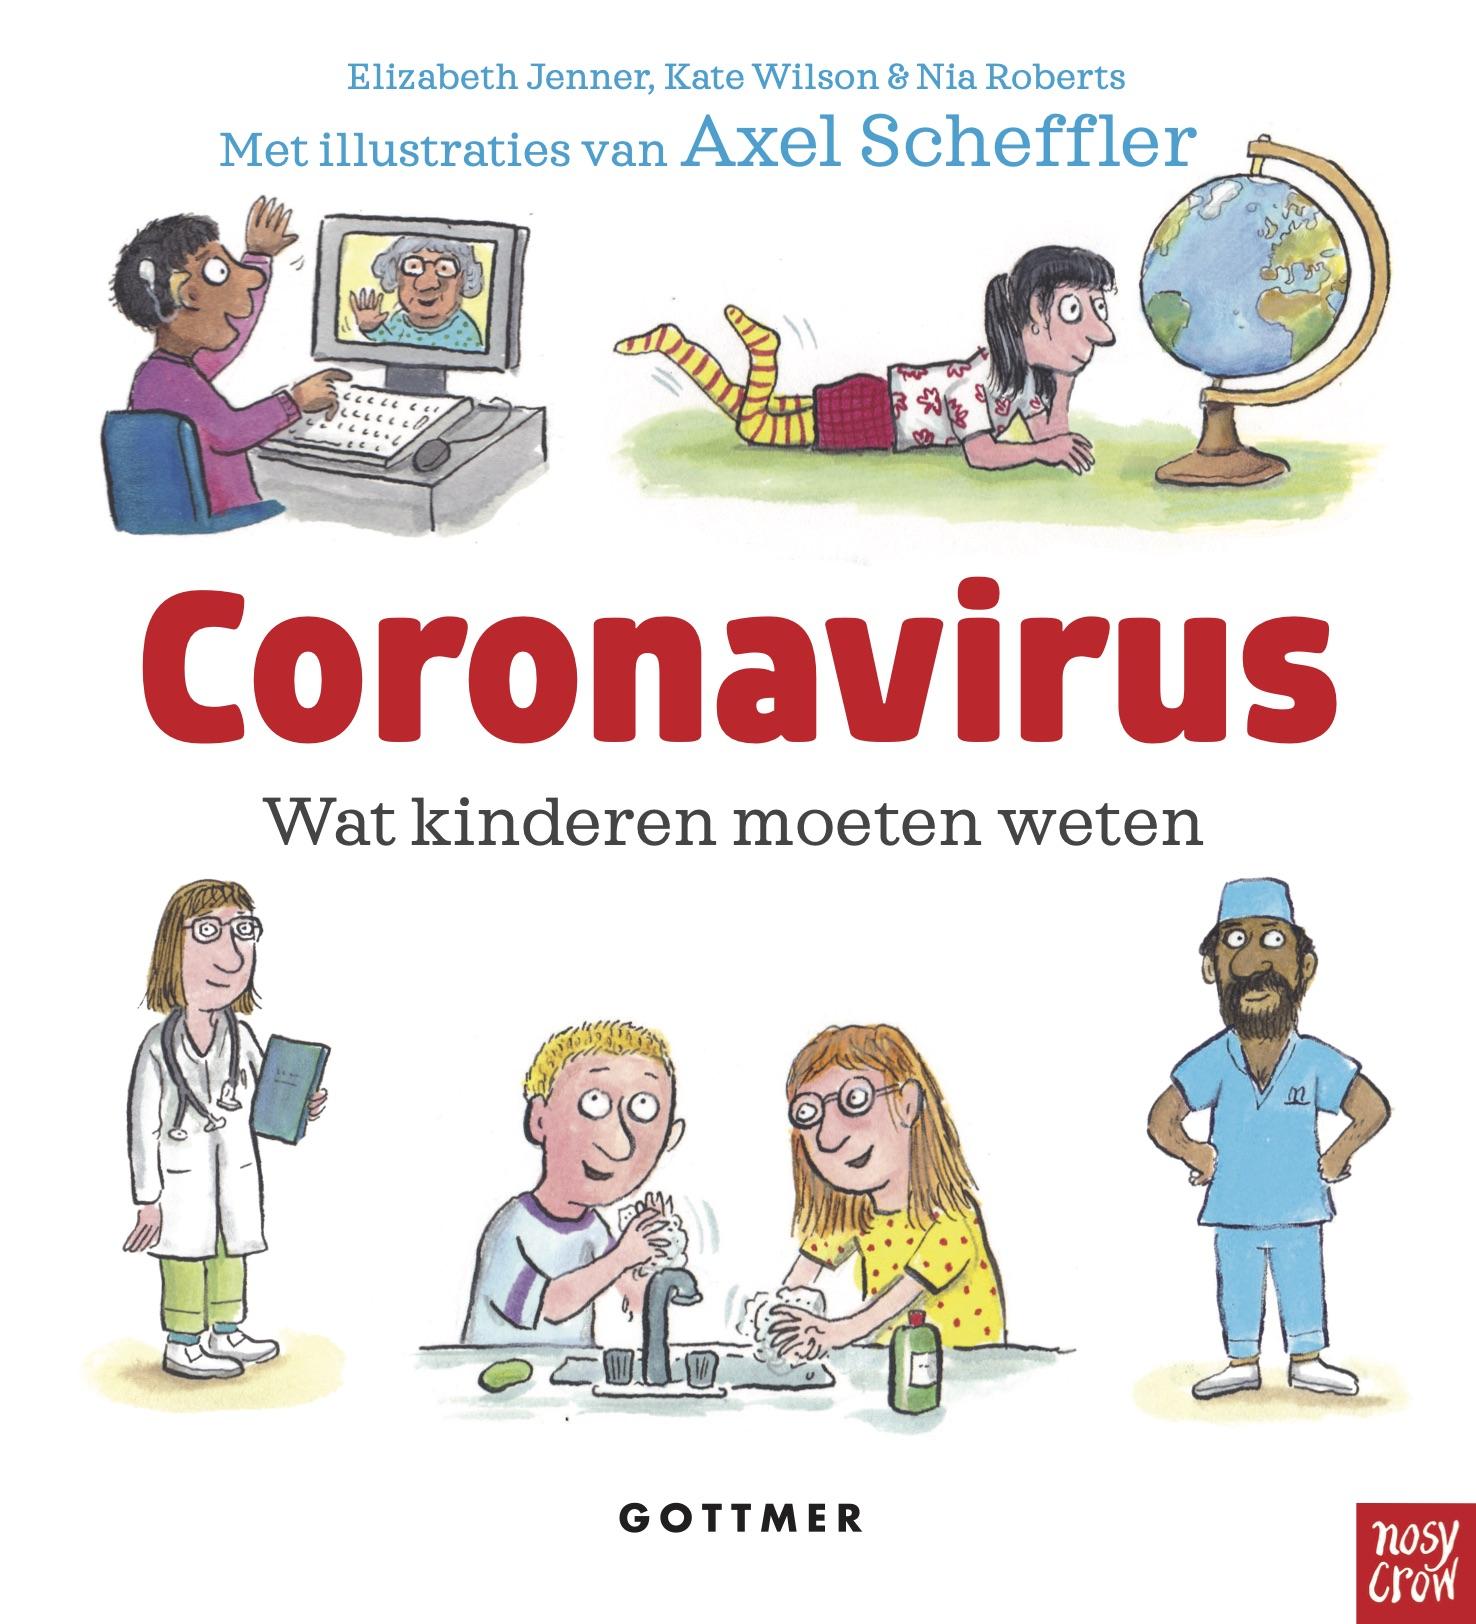 Gratis kinderboek over coronavirus